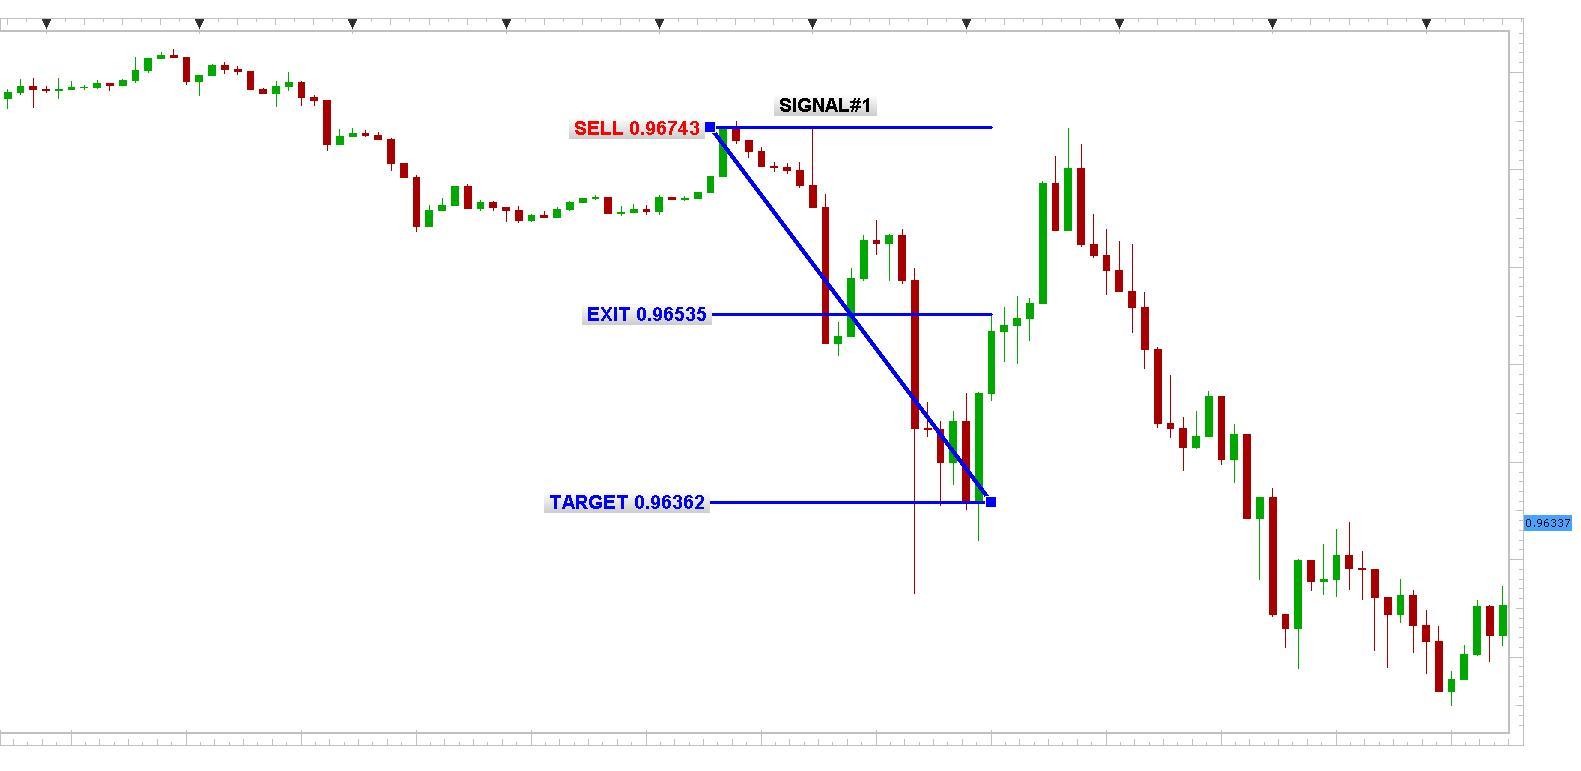 USD/CHF 1min chart